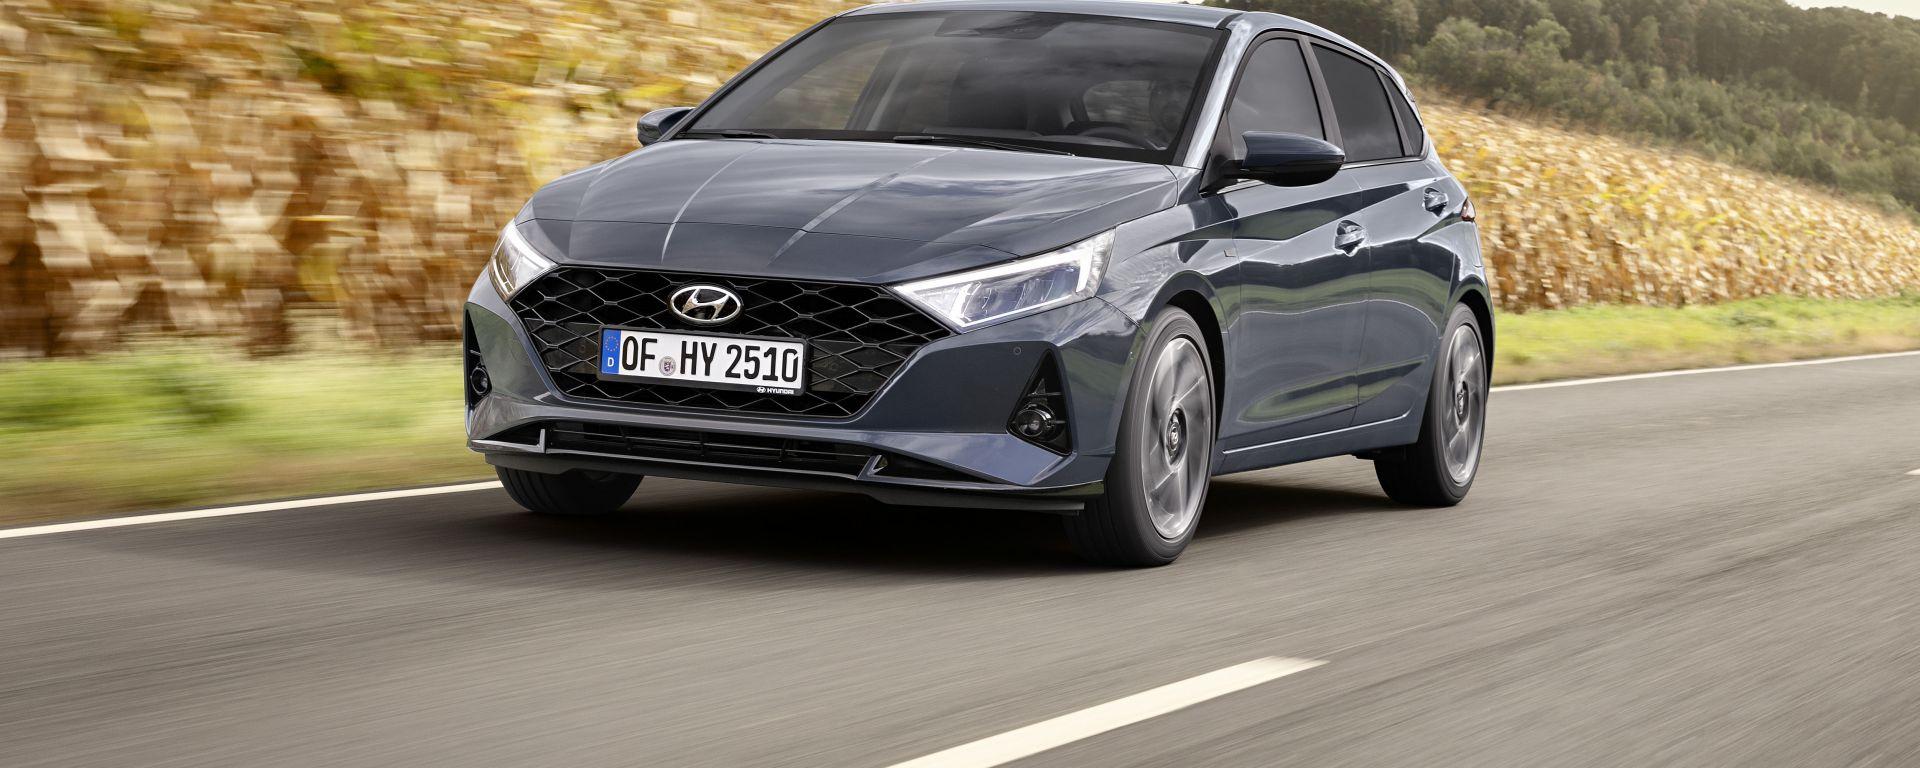 Nuova Hyundai i20: sull'utilitaria debutta la motorizzazione mild-hybrid